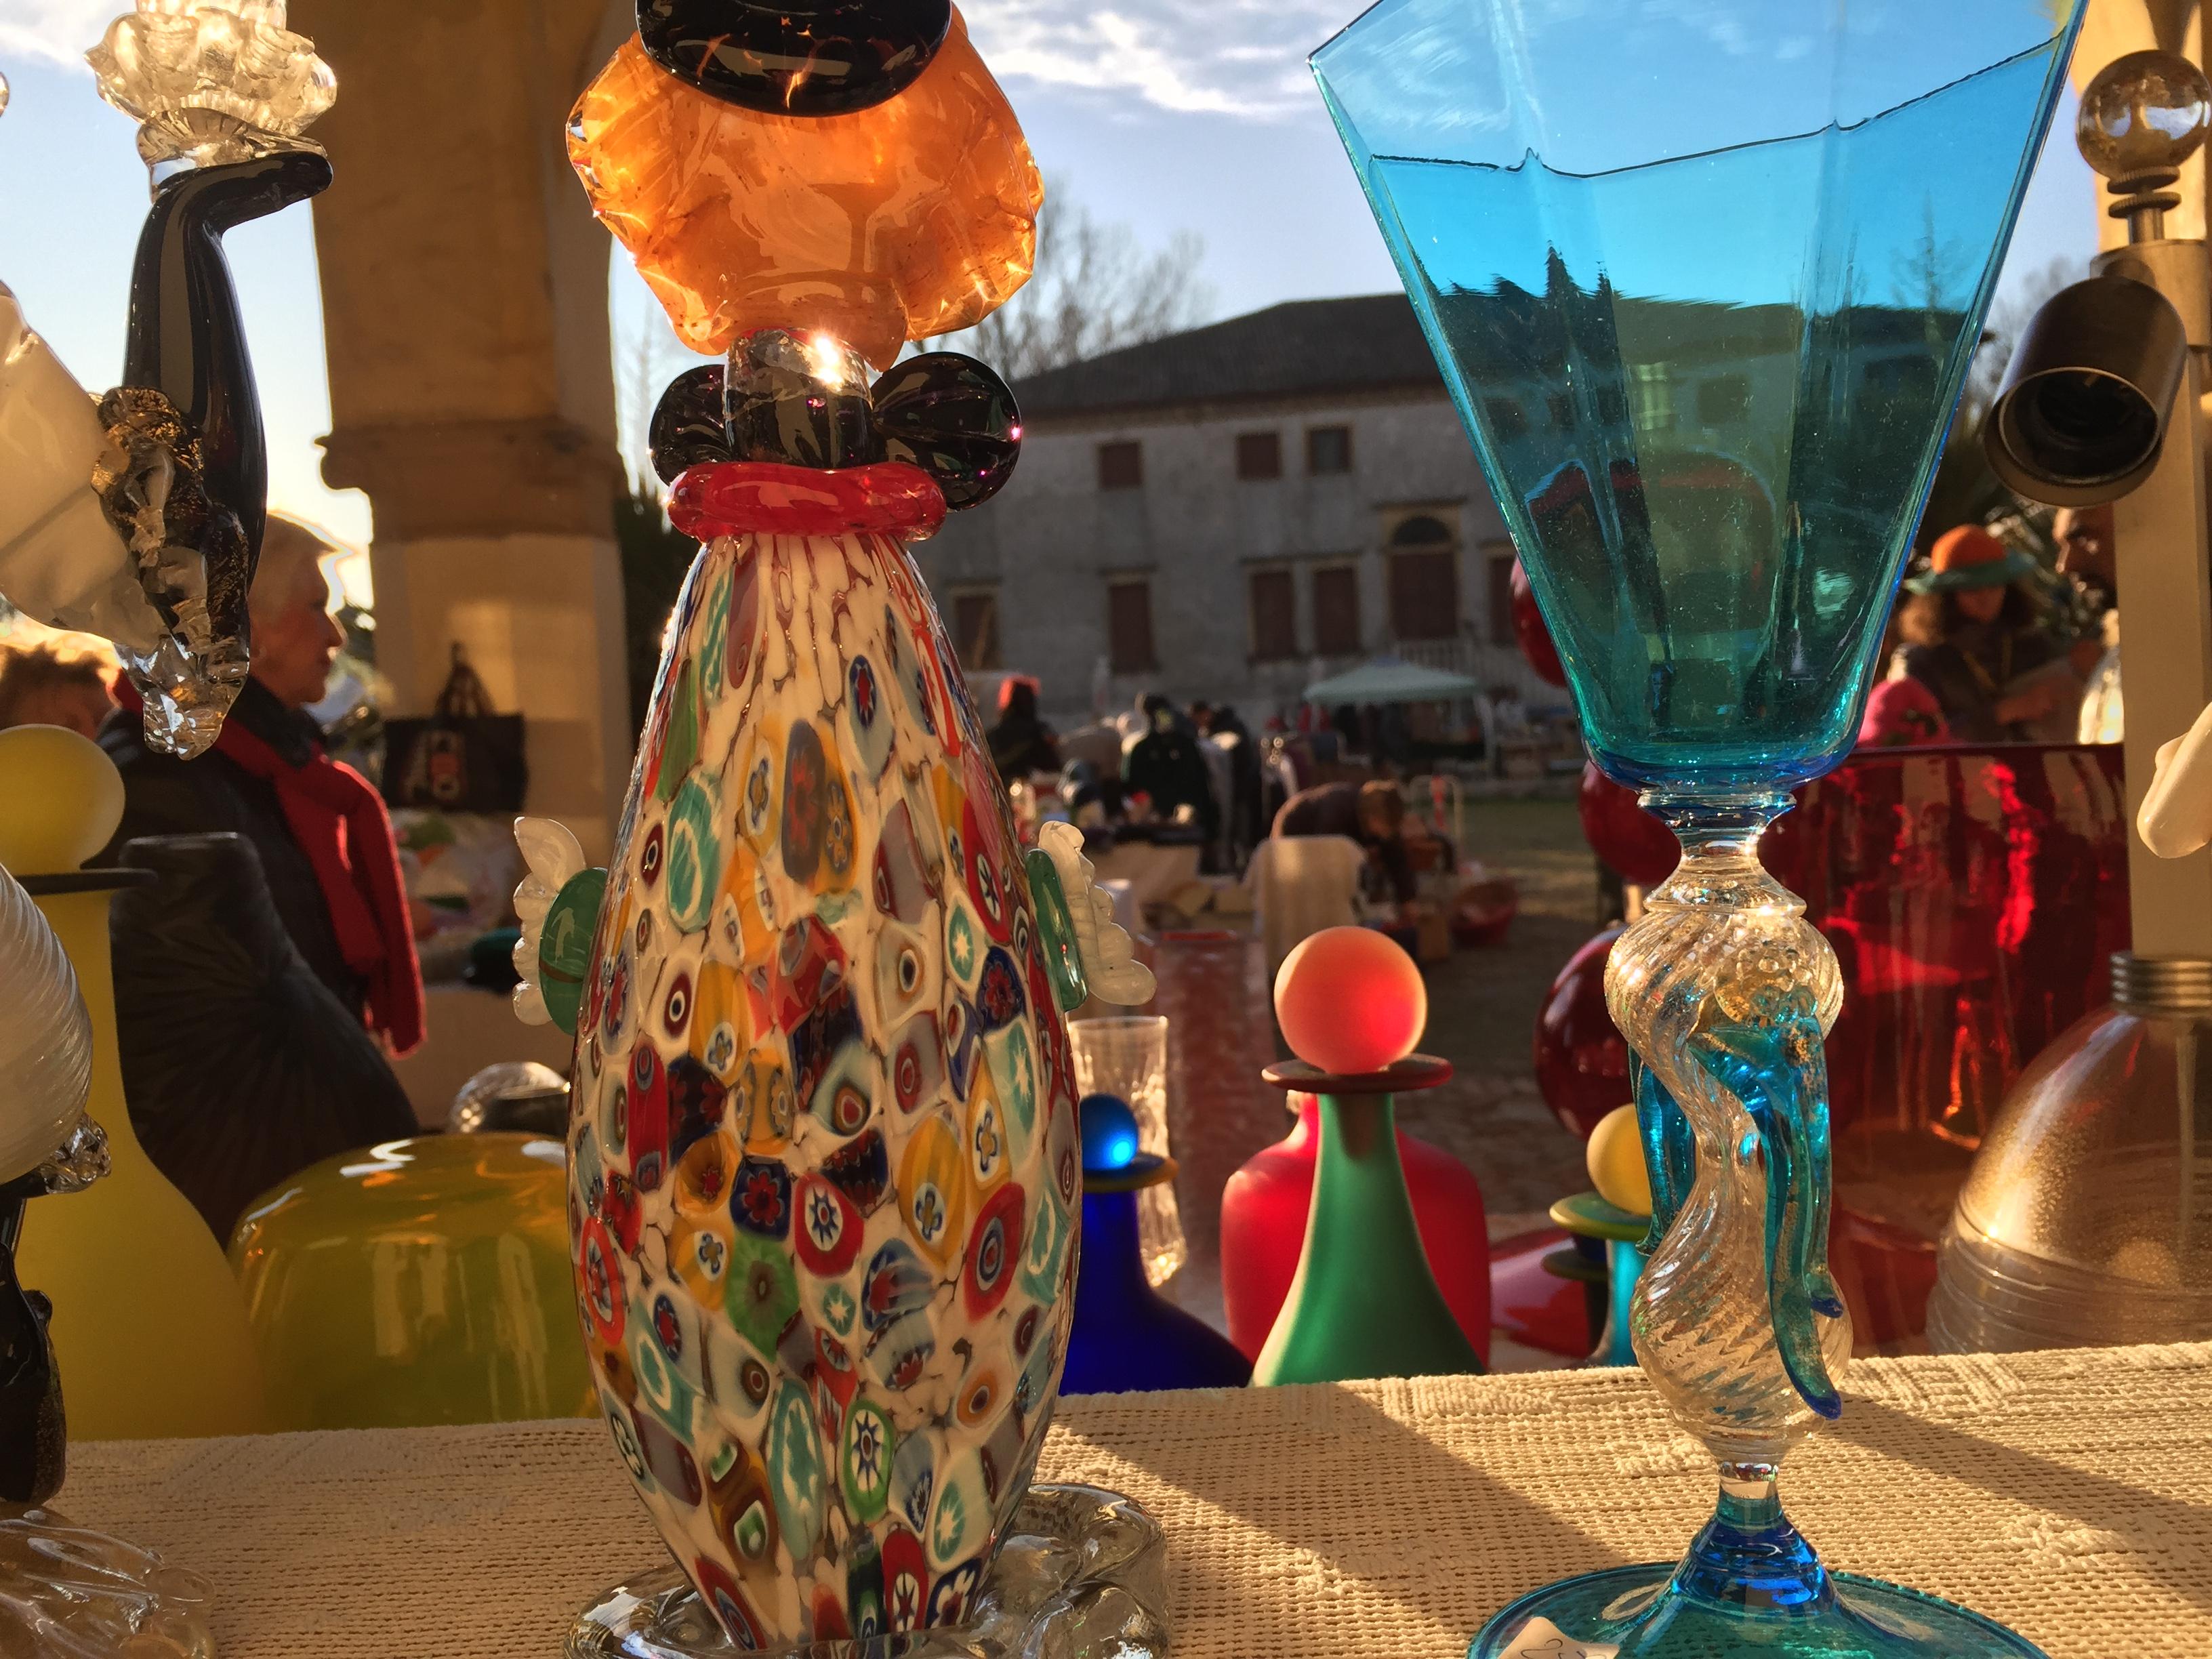 Allo storico mercato di Brugine sin dal mattino più di 300 espositori si  ritrovano a vendere e scambiare articoli di tutti i generi e di ogni  provenienza 1ae66b478bc